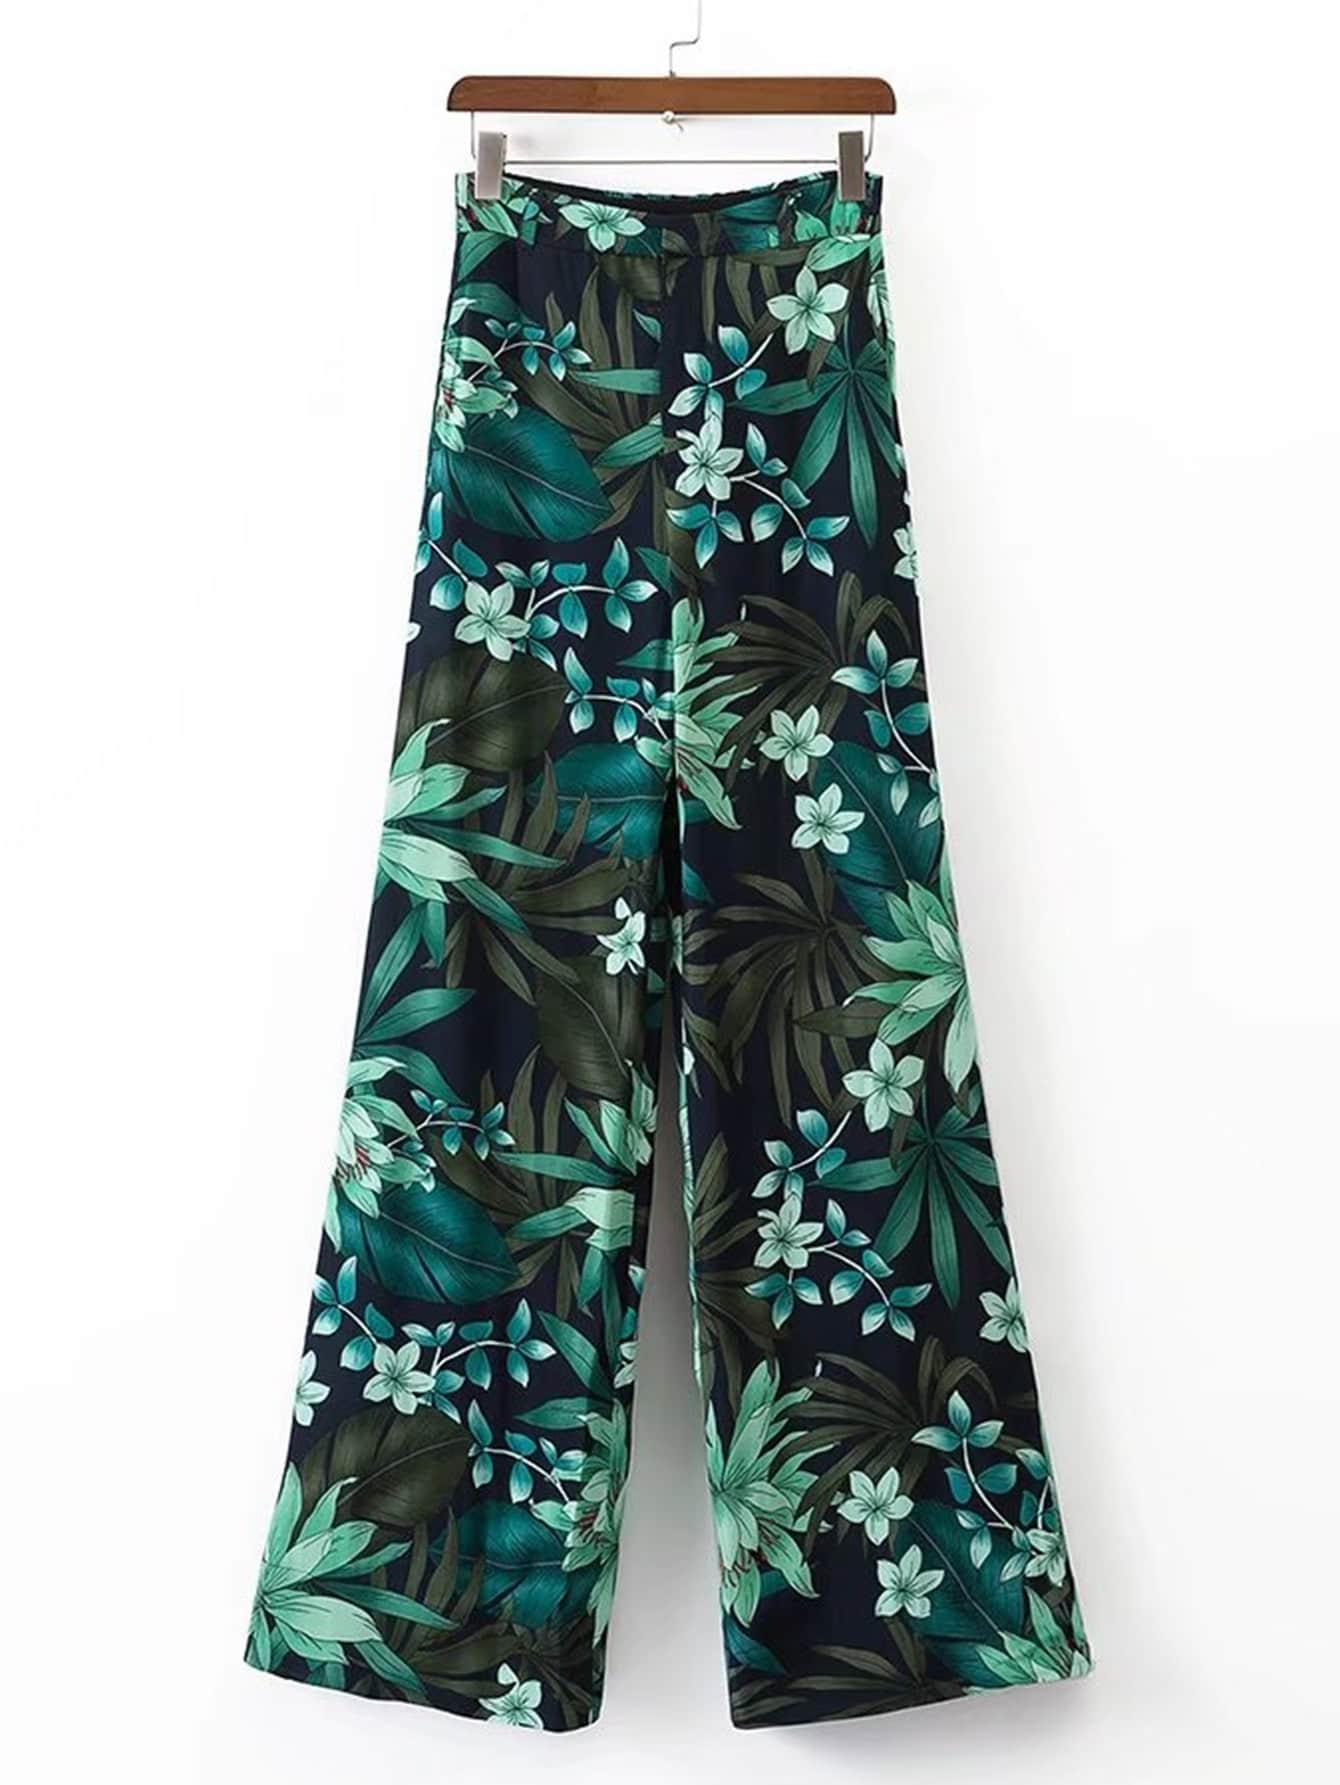 Elastic Waist Wide Leg Pants pants170516201